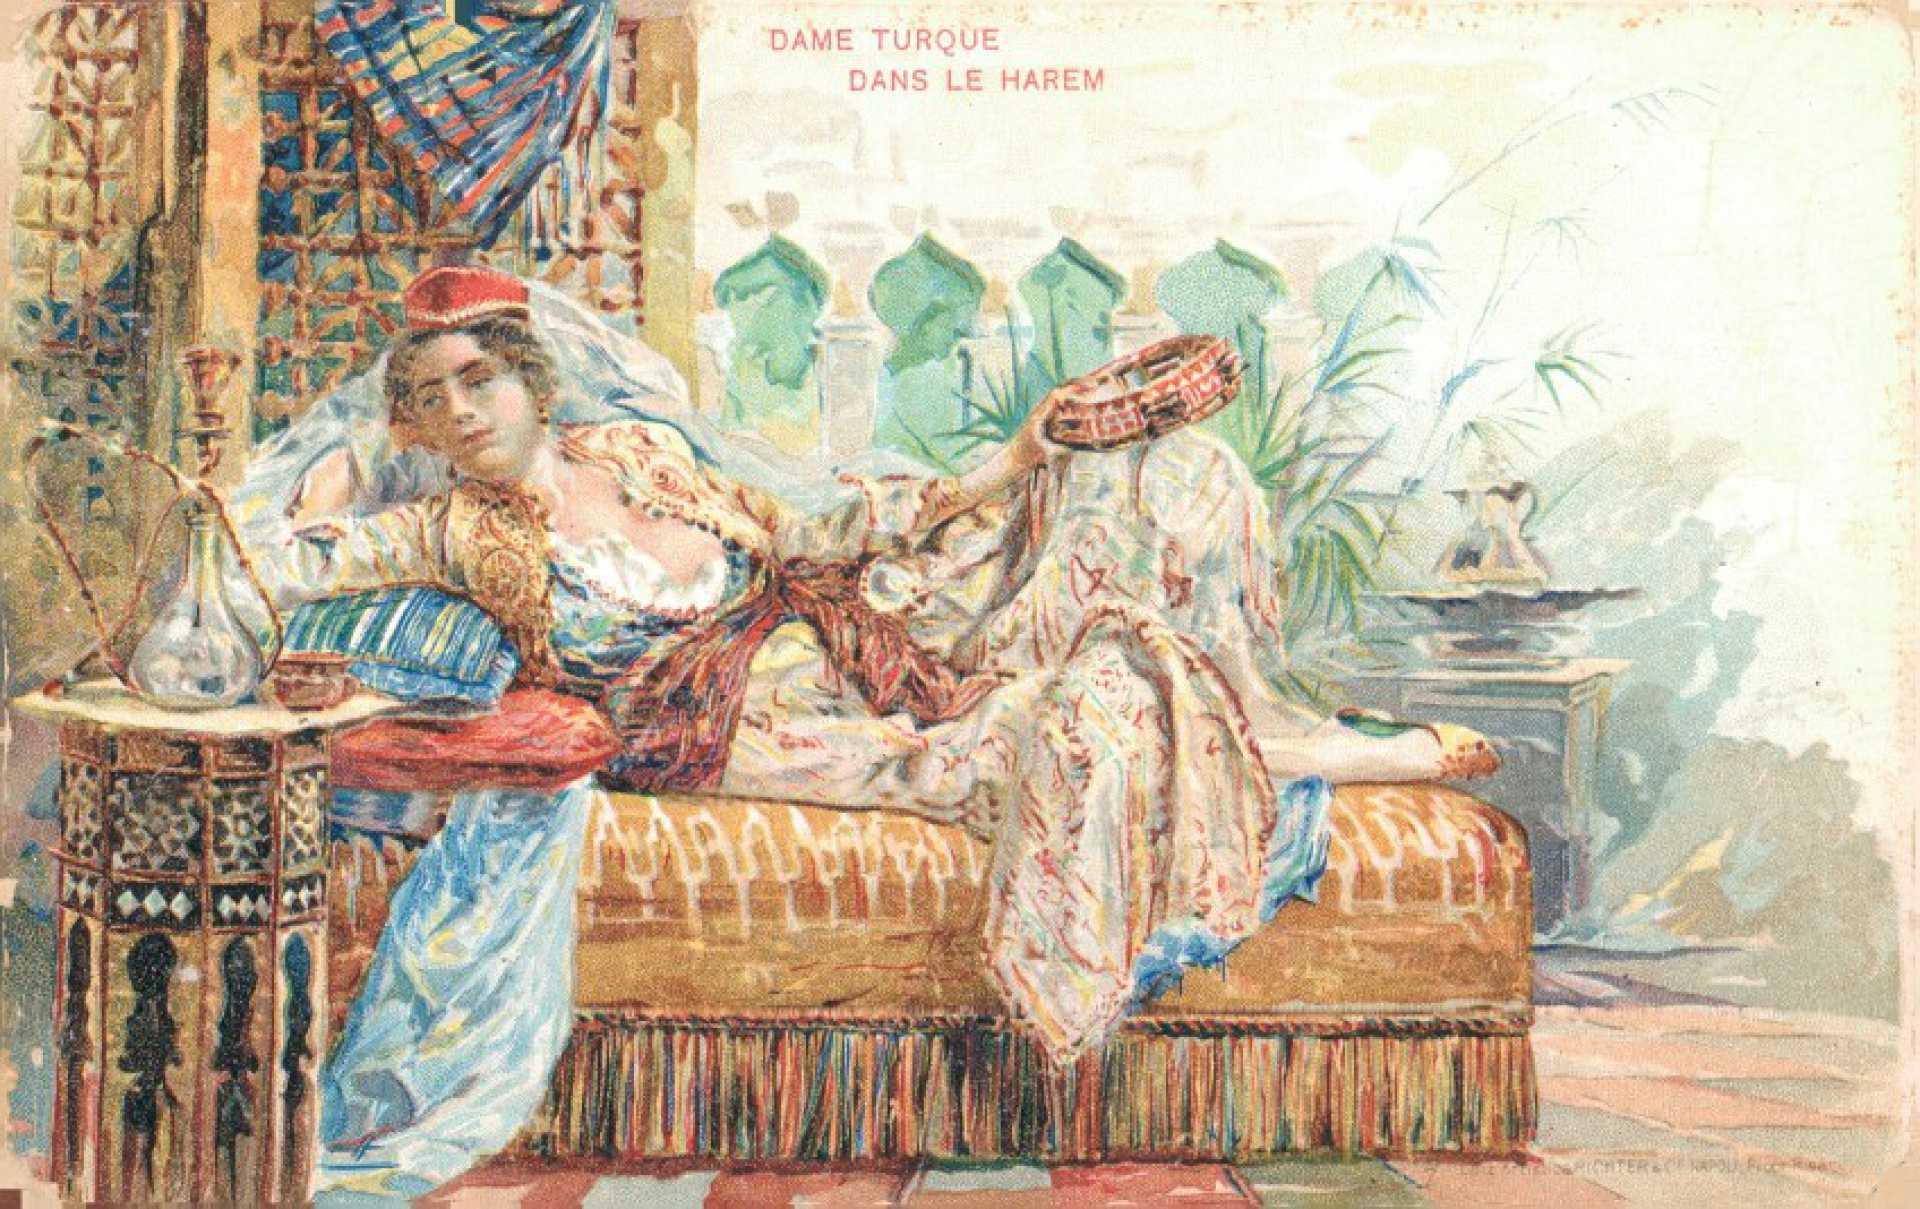 Dame Turque dans le harem